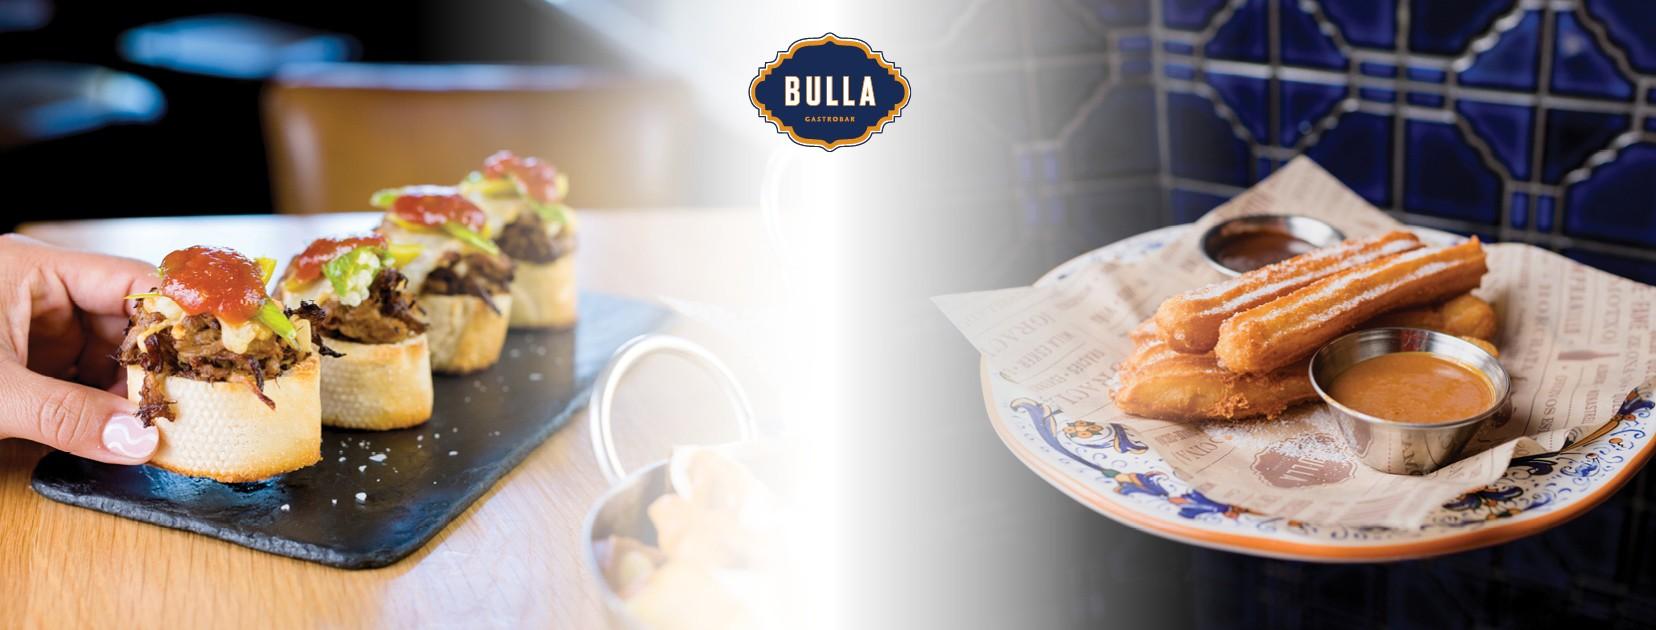 Bulla Tampa Restaurant Week